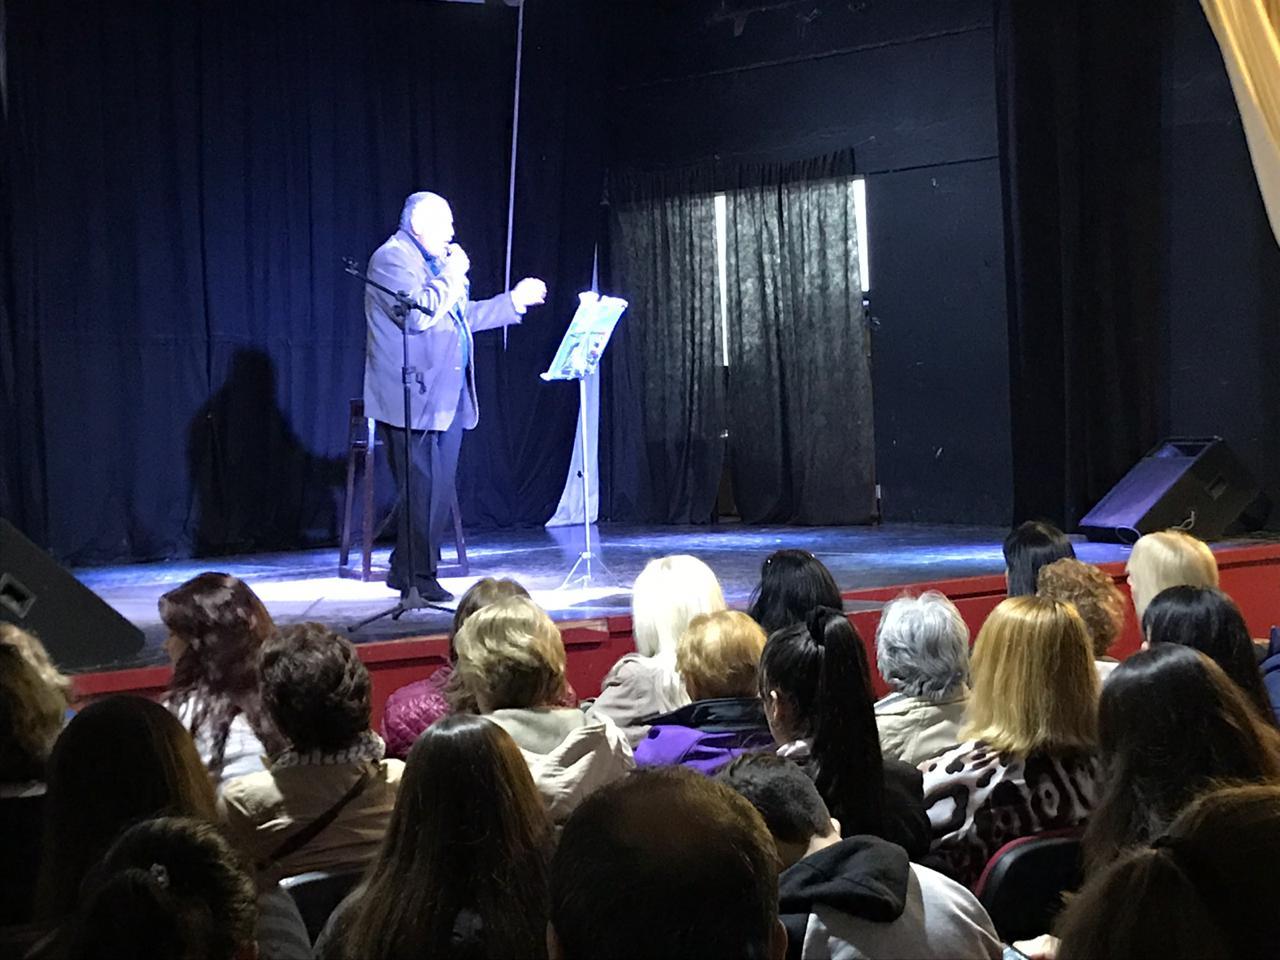 El viernes 14 de junio se desarrolló la etapa local de los Juegos Bonaerenses del área de Cultura. La jornada se desarrolló a partir de las 9hs en la Escuela Municipal de Bellas Artes y culminó pasadas las 16 hs; solamente la disciplina Teatro se disputó en el Teatro Municipal Unión Ferroviaria.